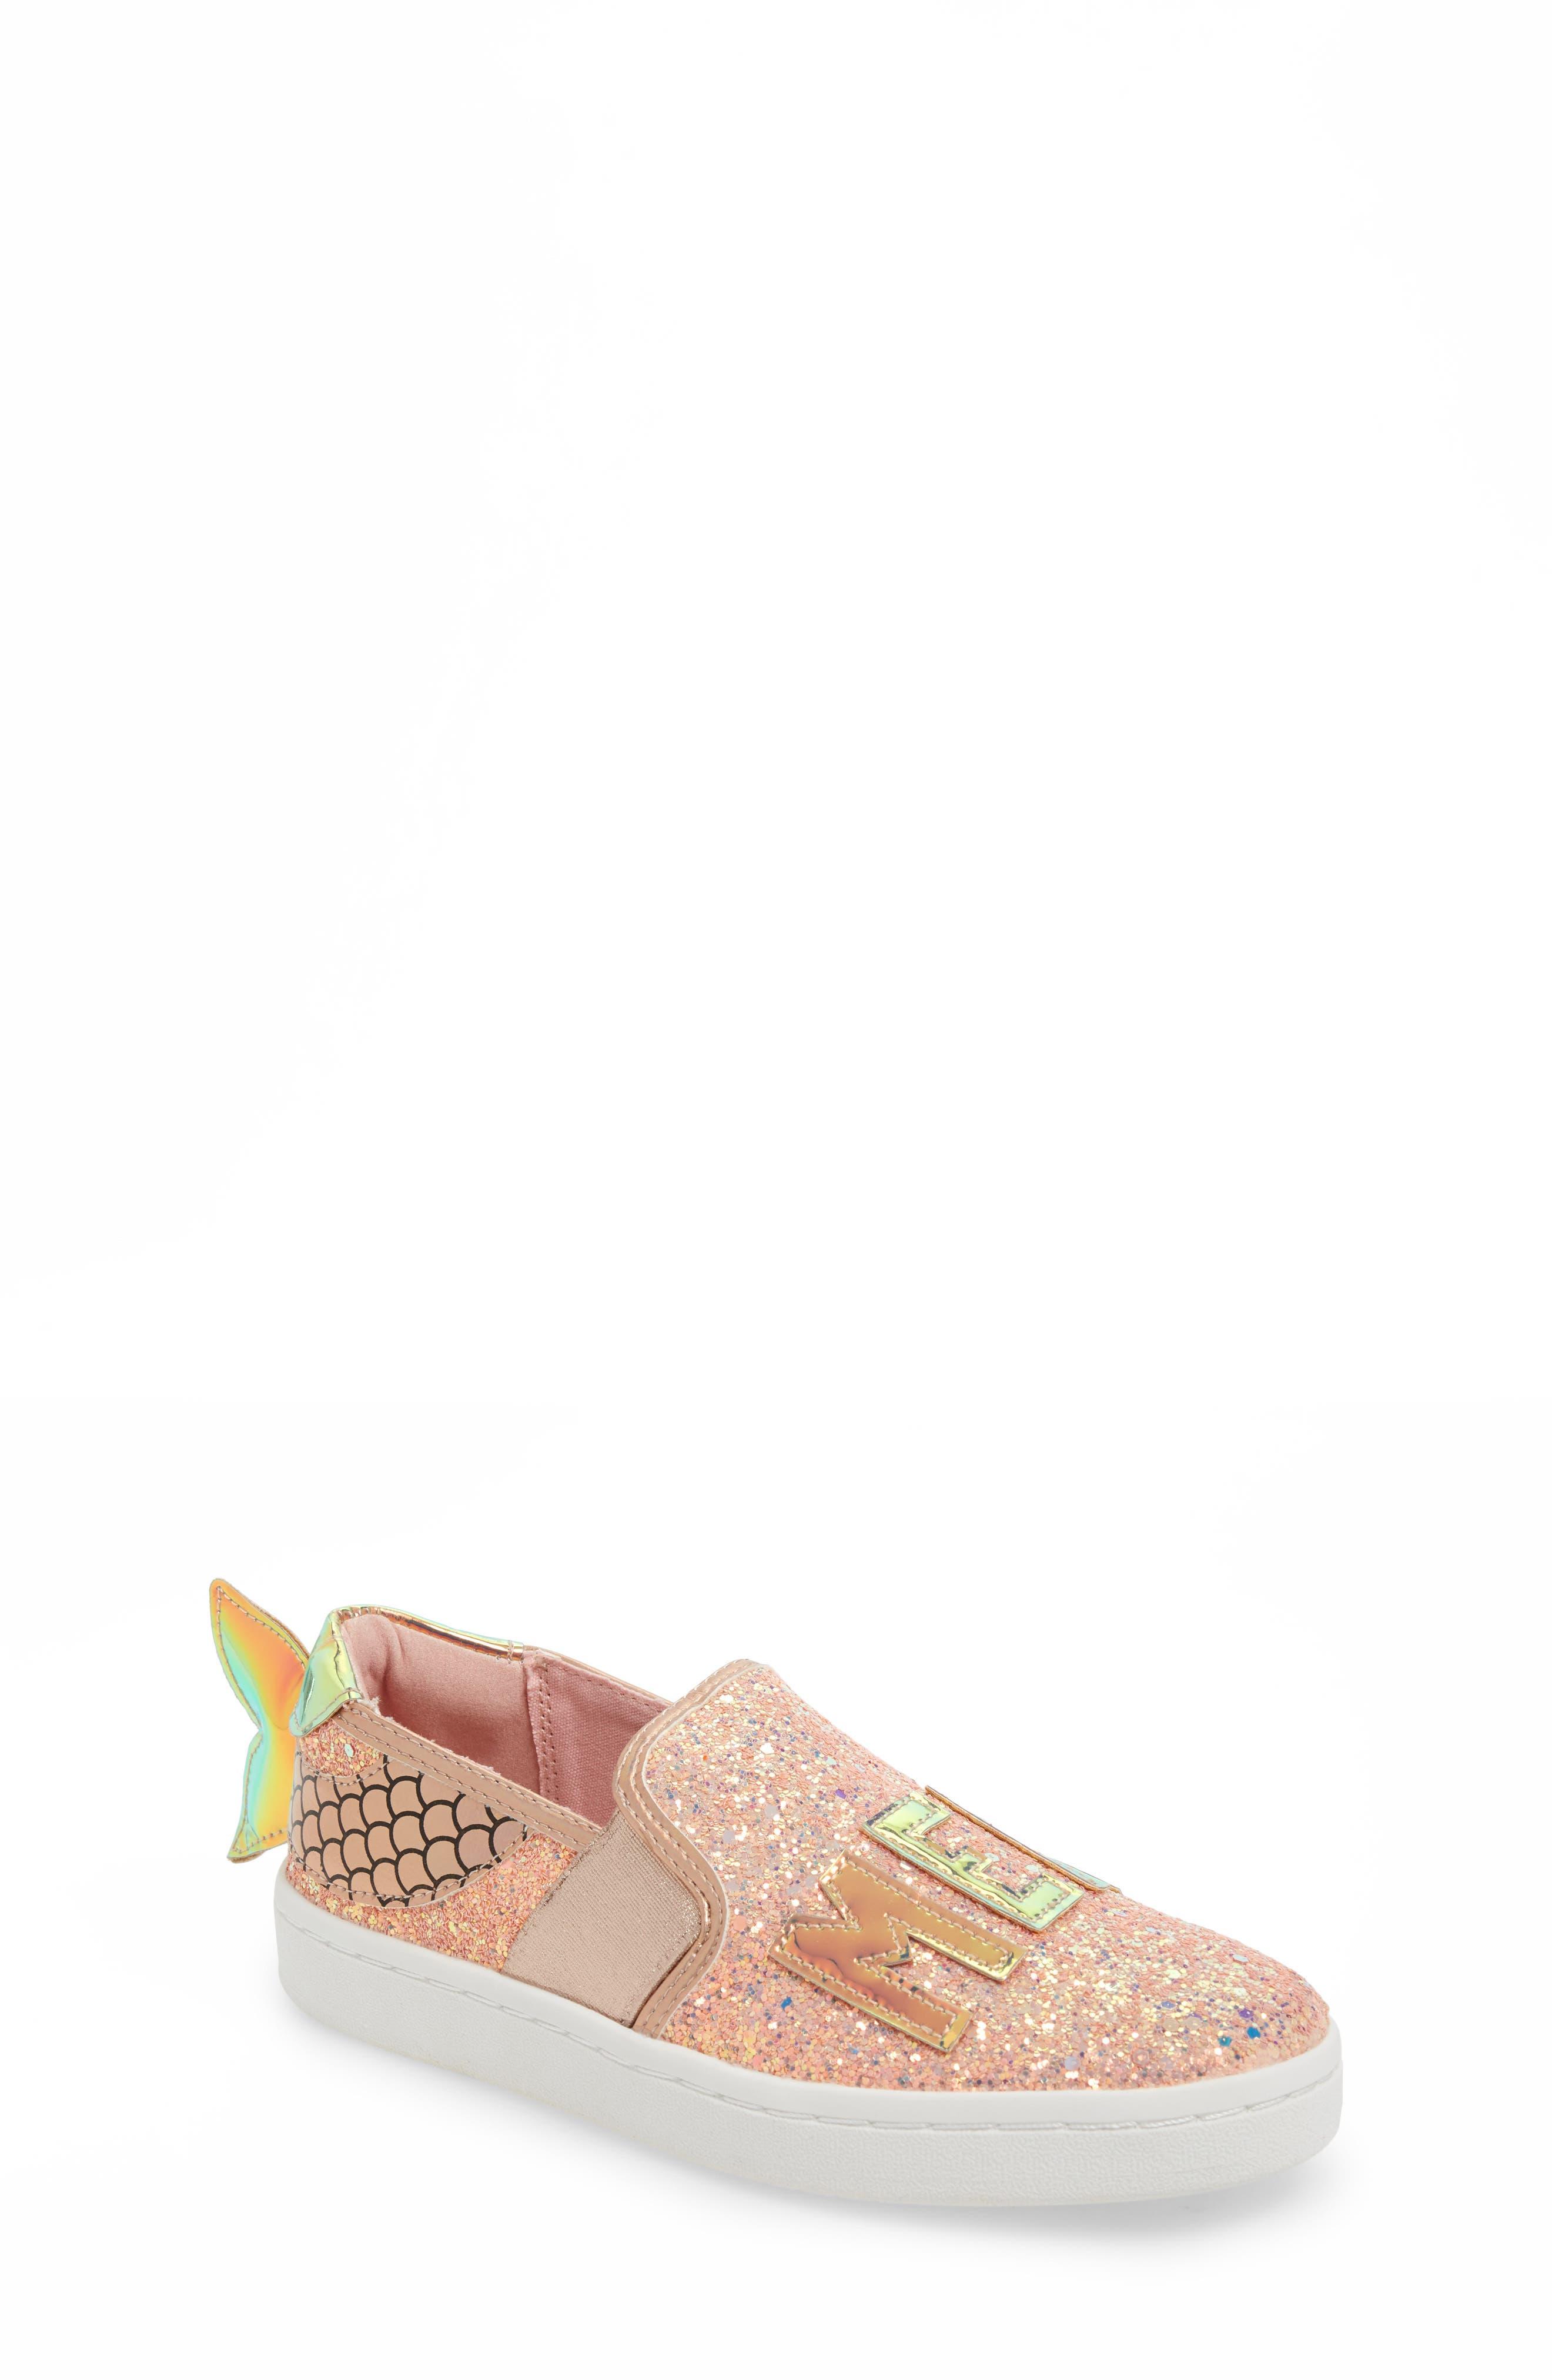 Blane Mermaid Sneaker,                             Alternate thumbnail 2, color,                             Pale Rose Gold Glitter